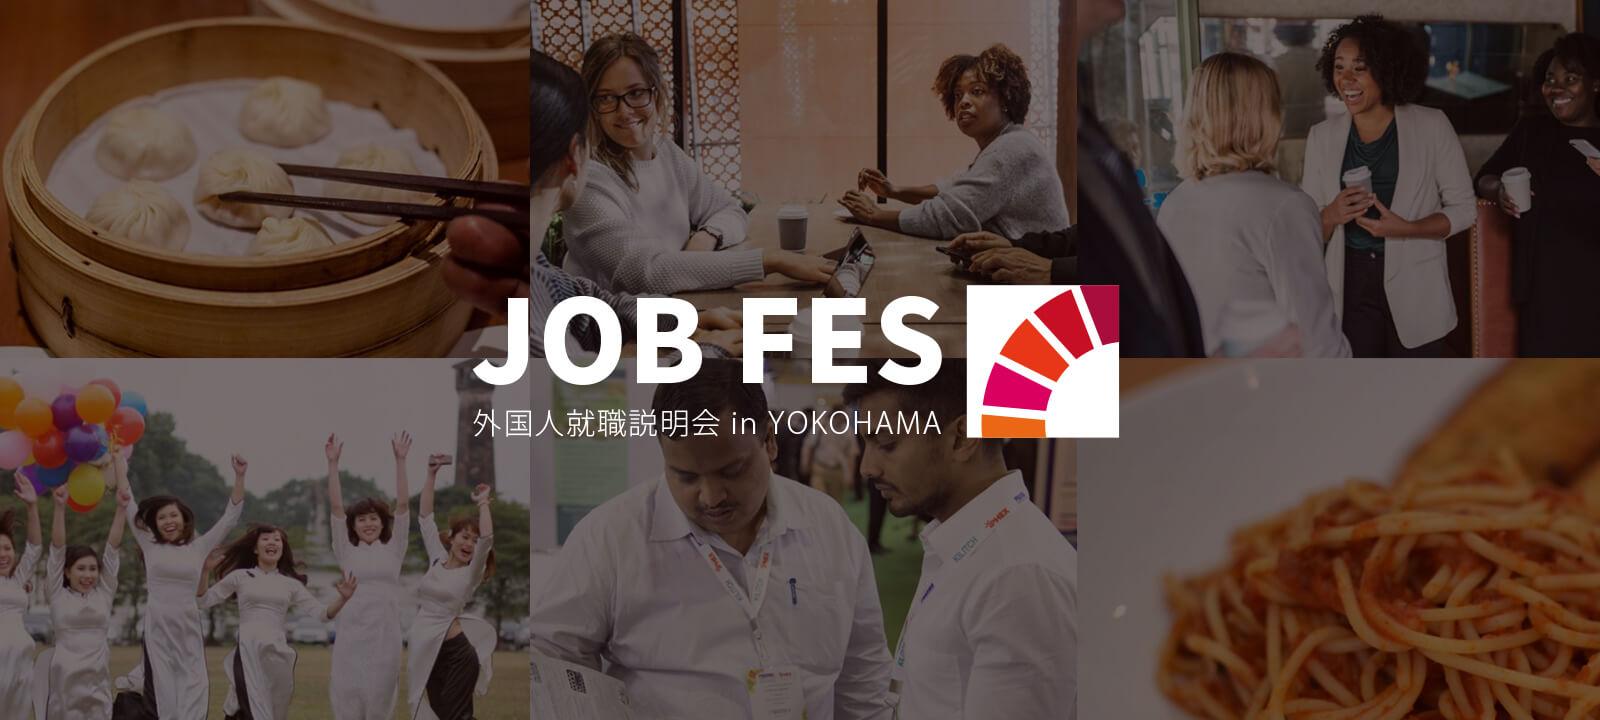 JOBFES 外国人就職説明会